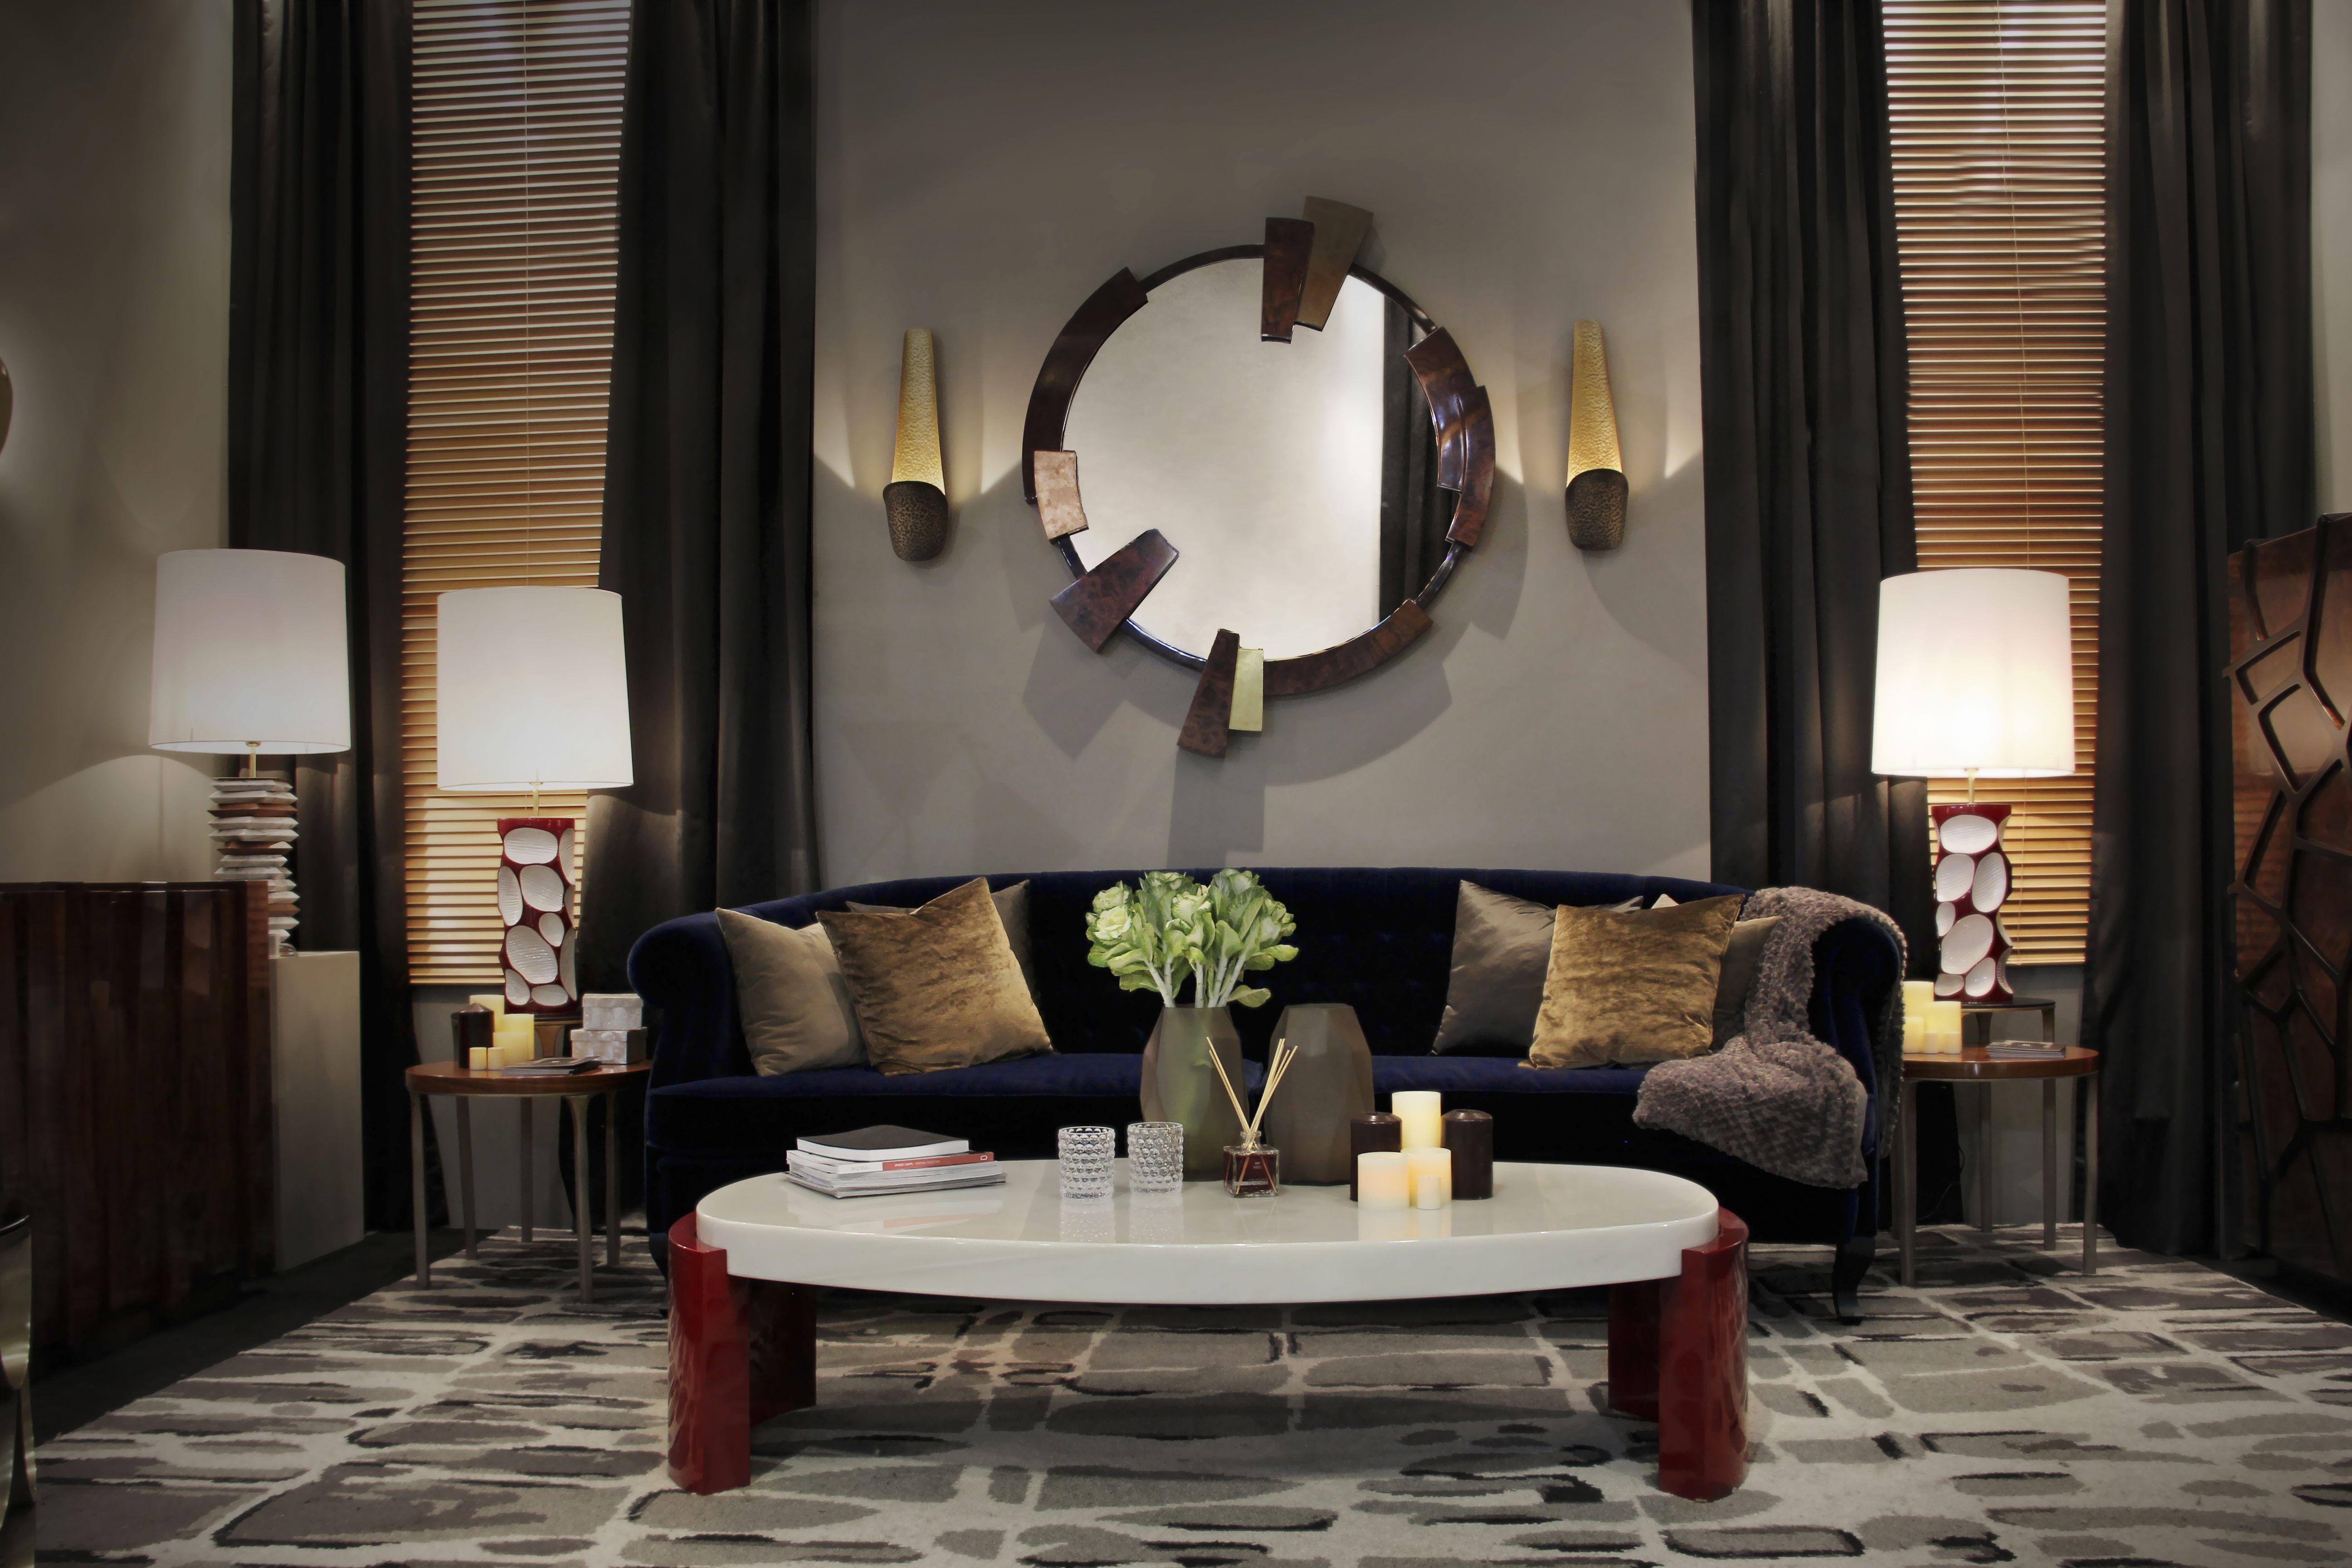 Herbst 2017 Luxuriöse Wohnzimmer für den Herbst Wohnzimmer Ideen Luxus Möbel